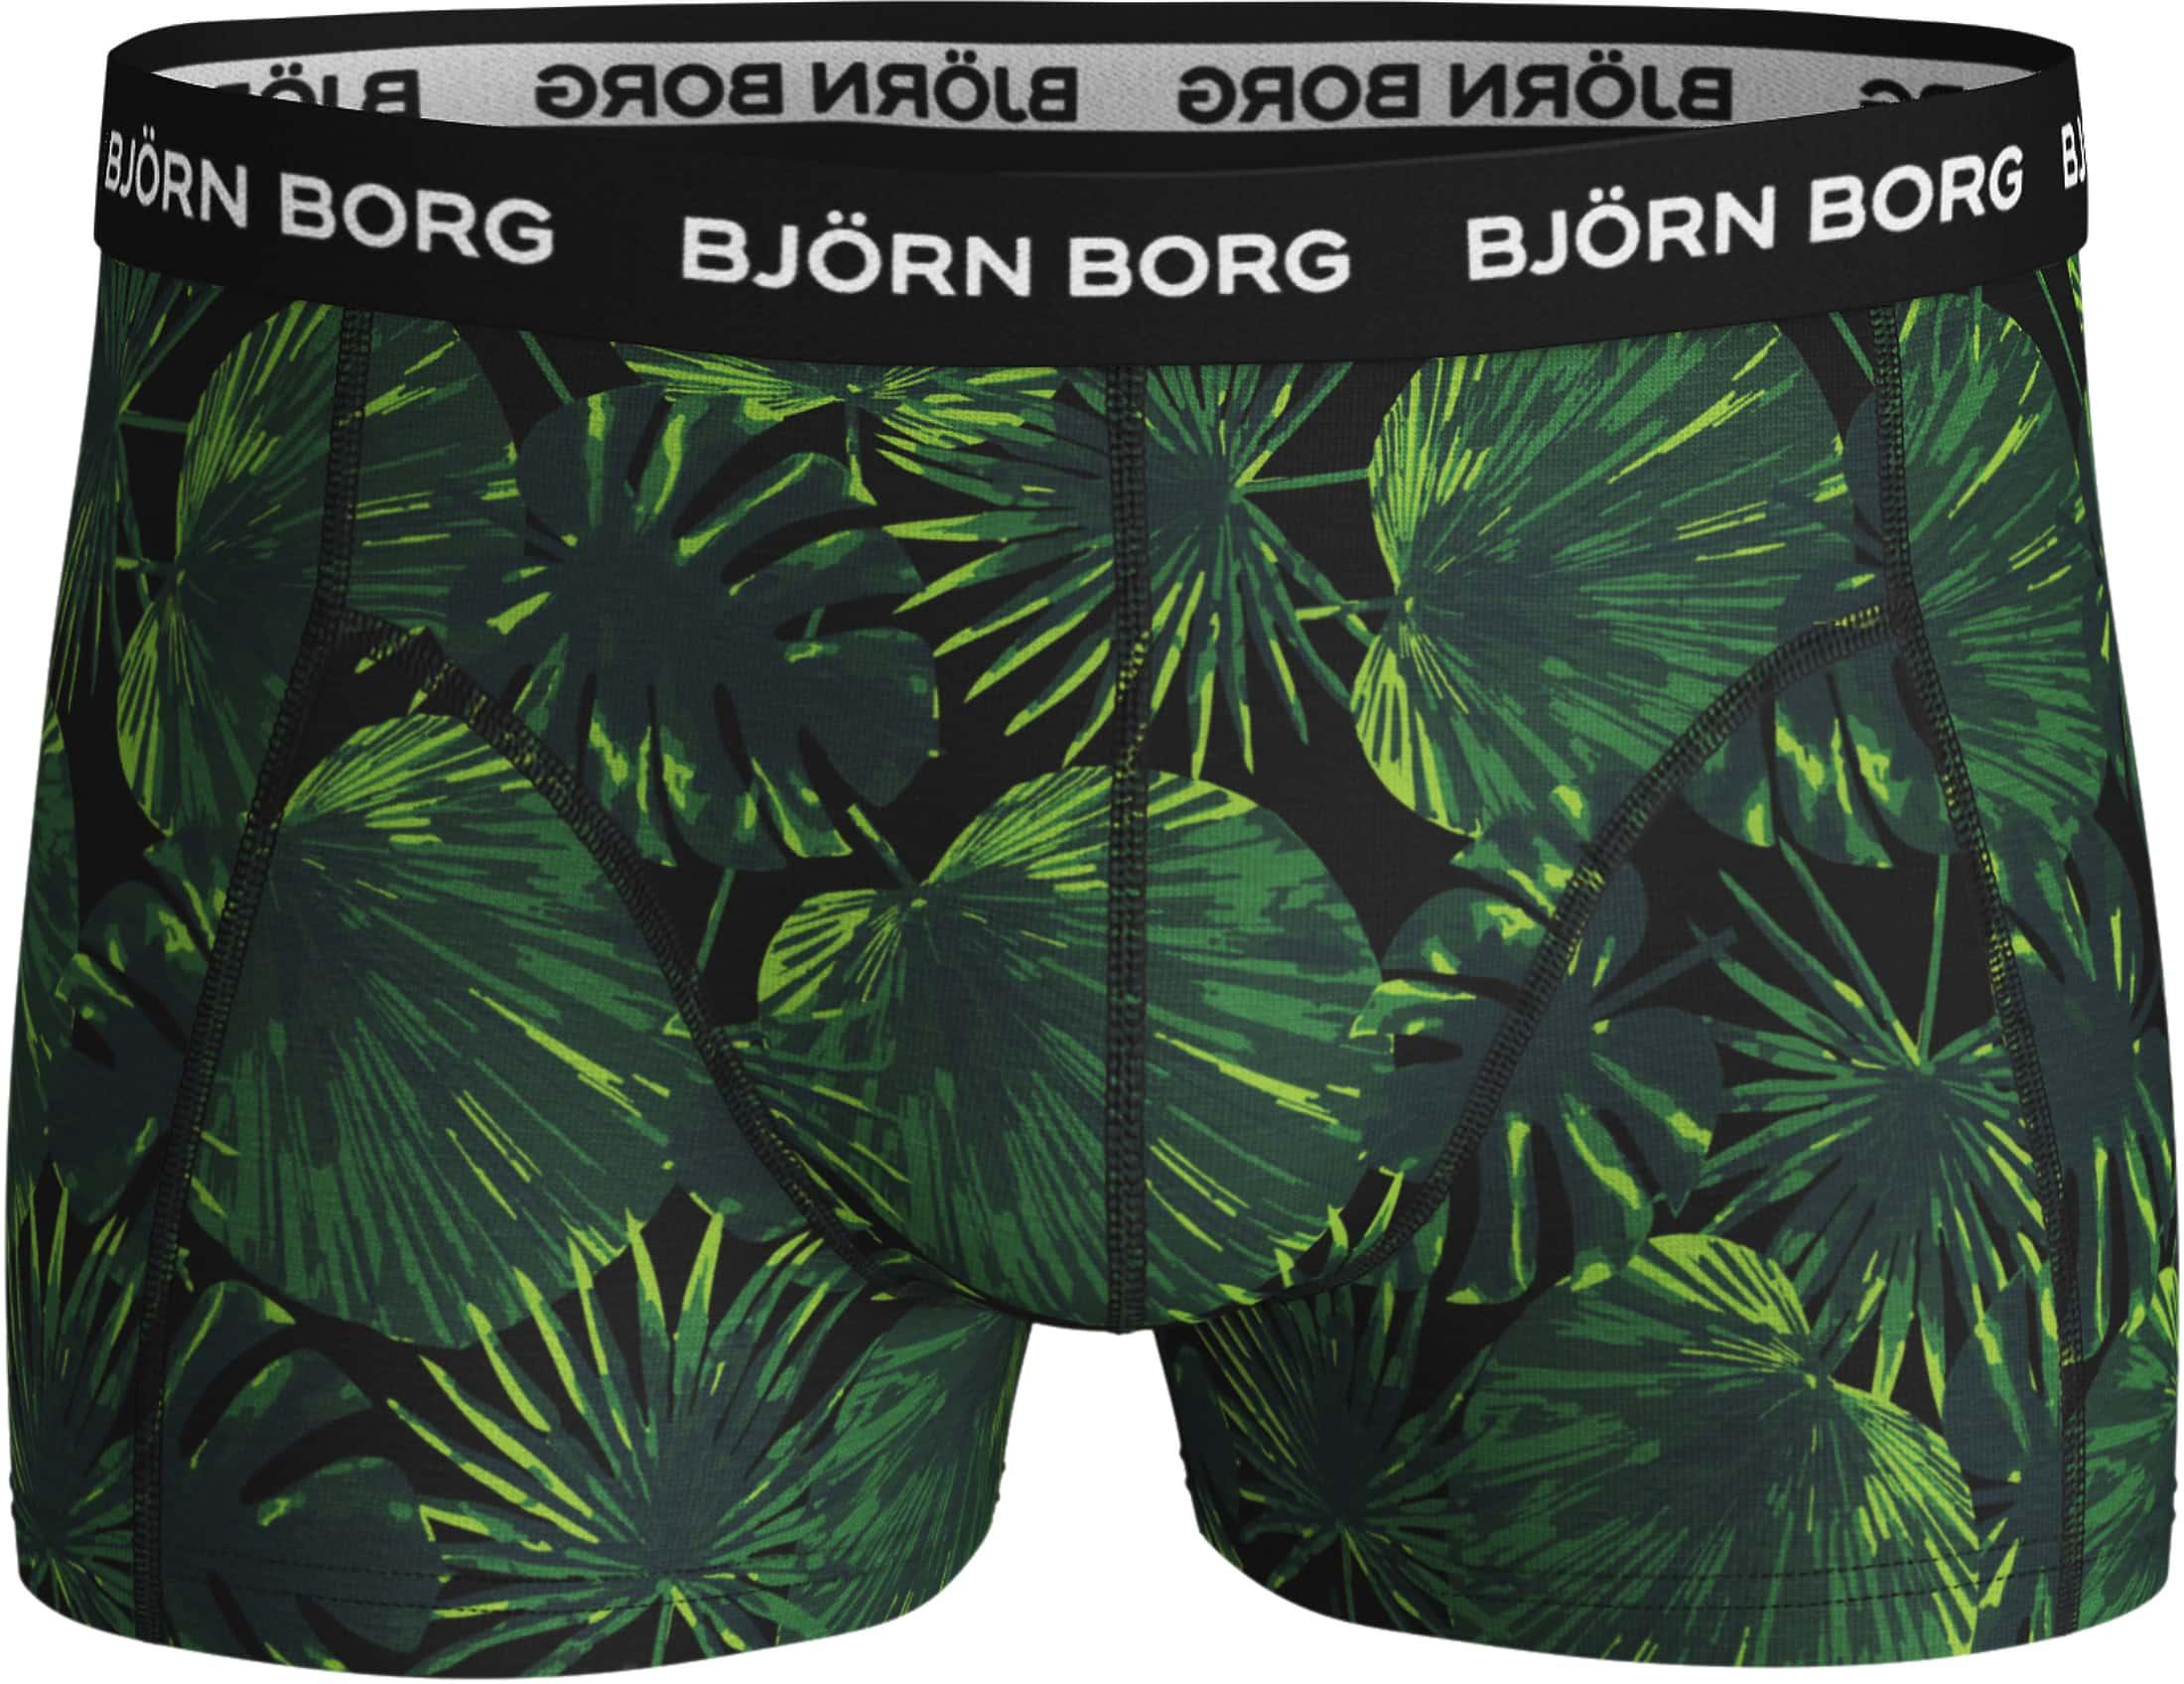 Björn Borg Shorts Garden 2er-Pack foto 1